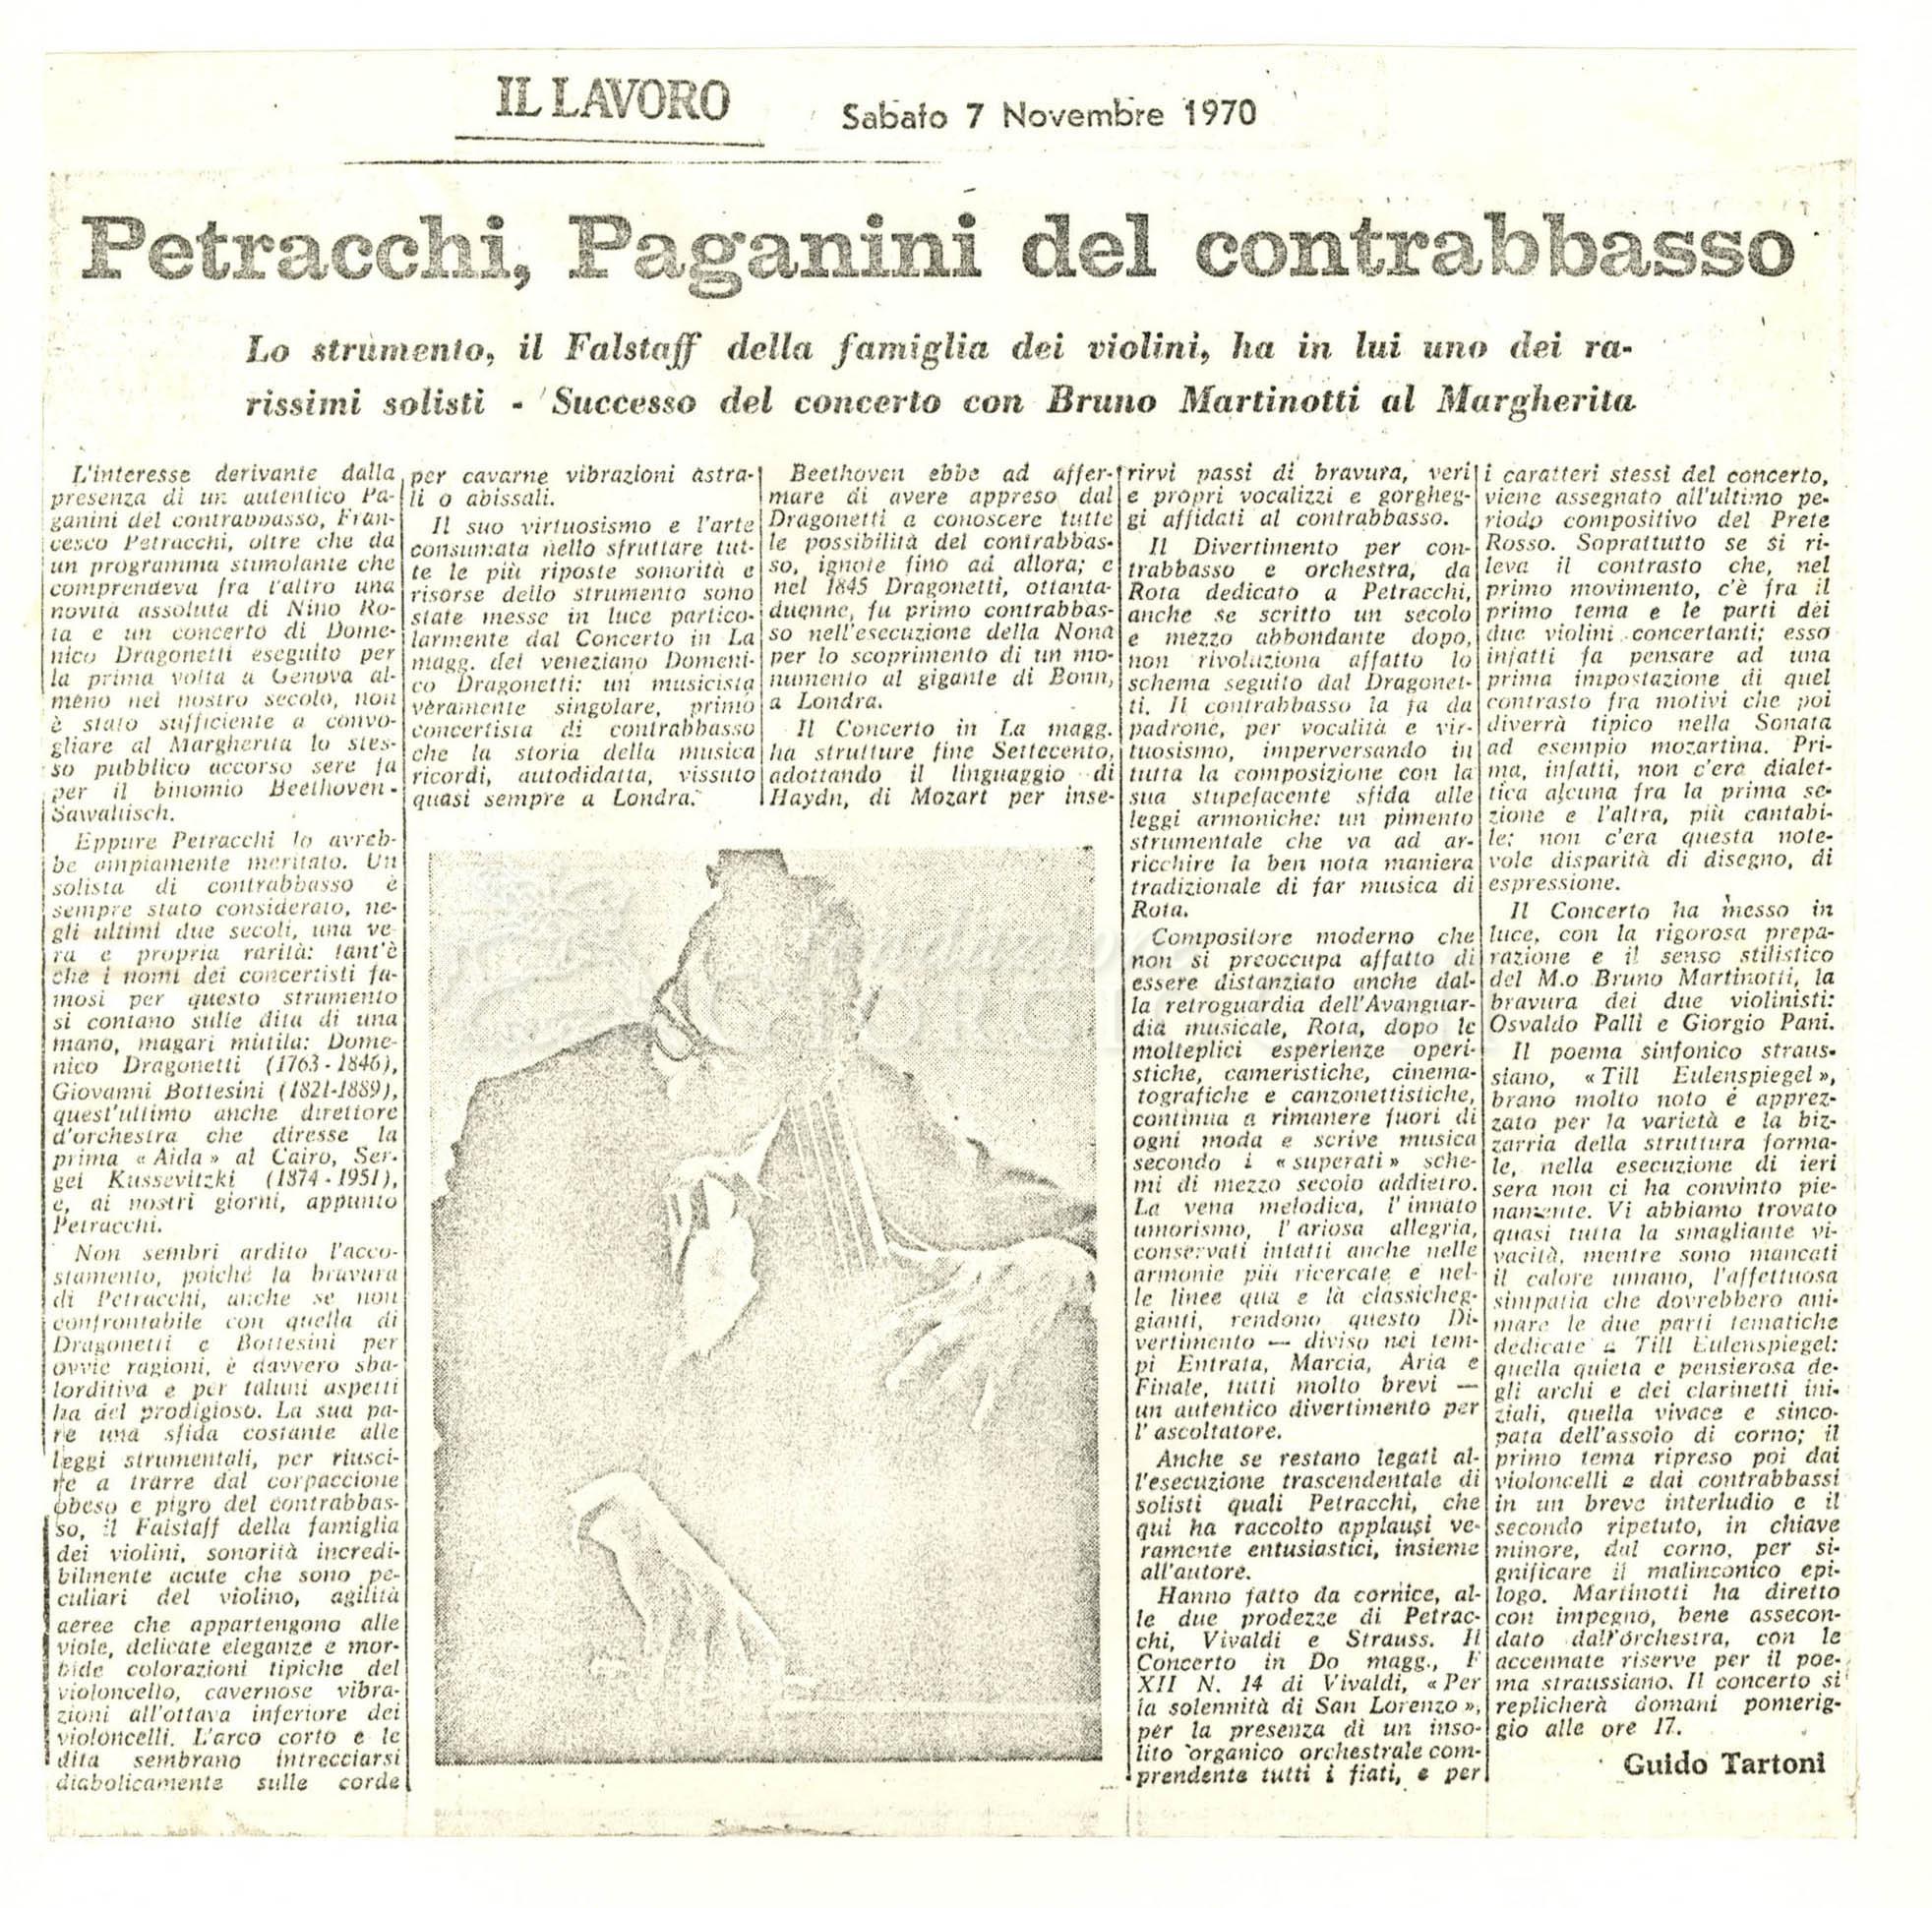 Petracchi, Paganini del contrabbasso  07 novembre 1970